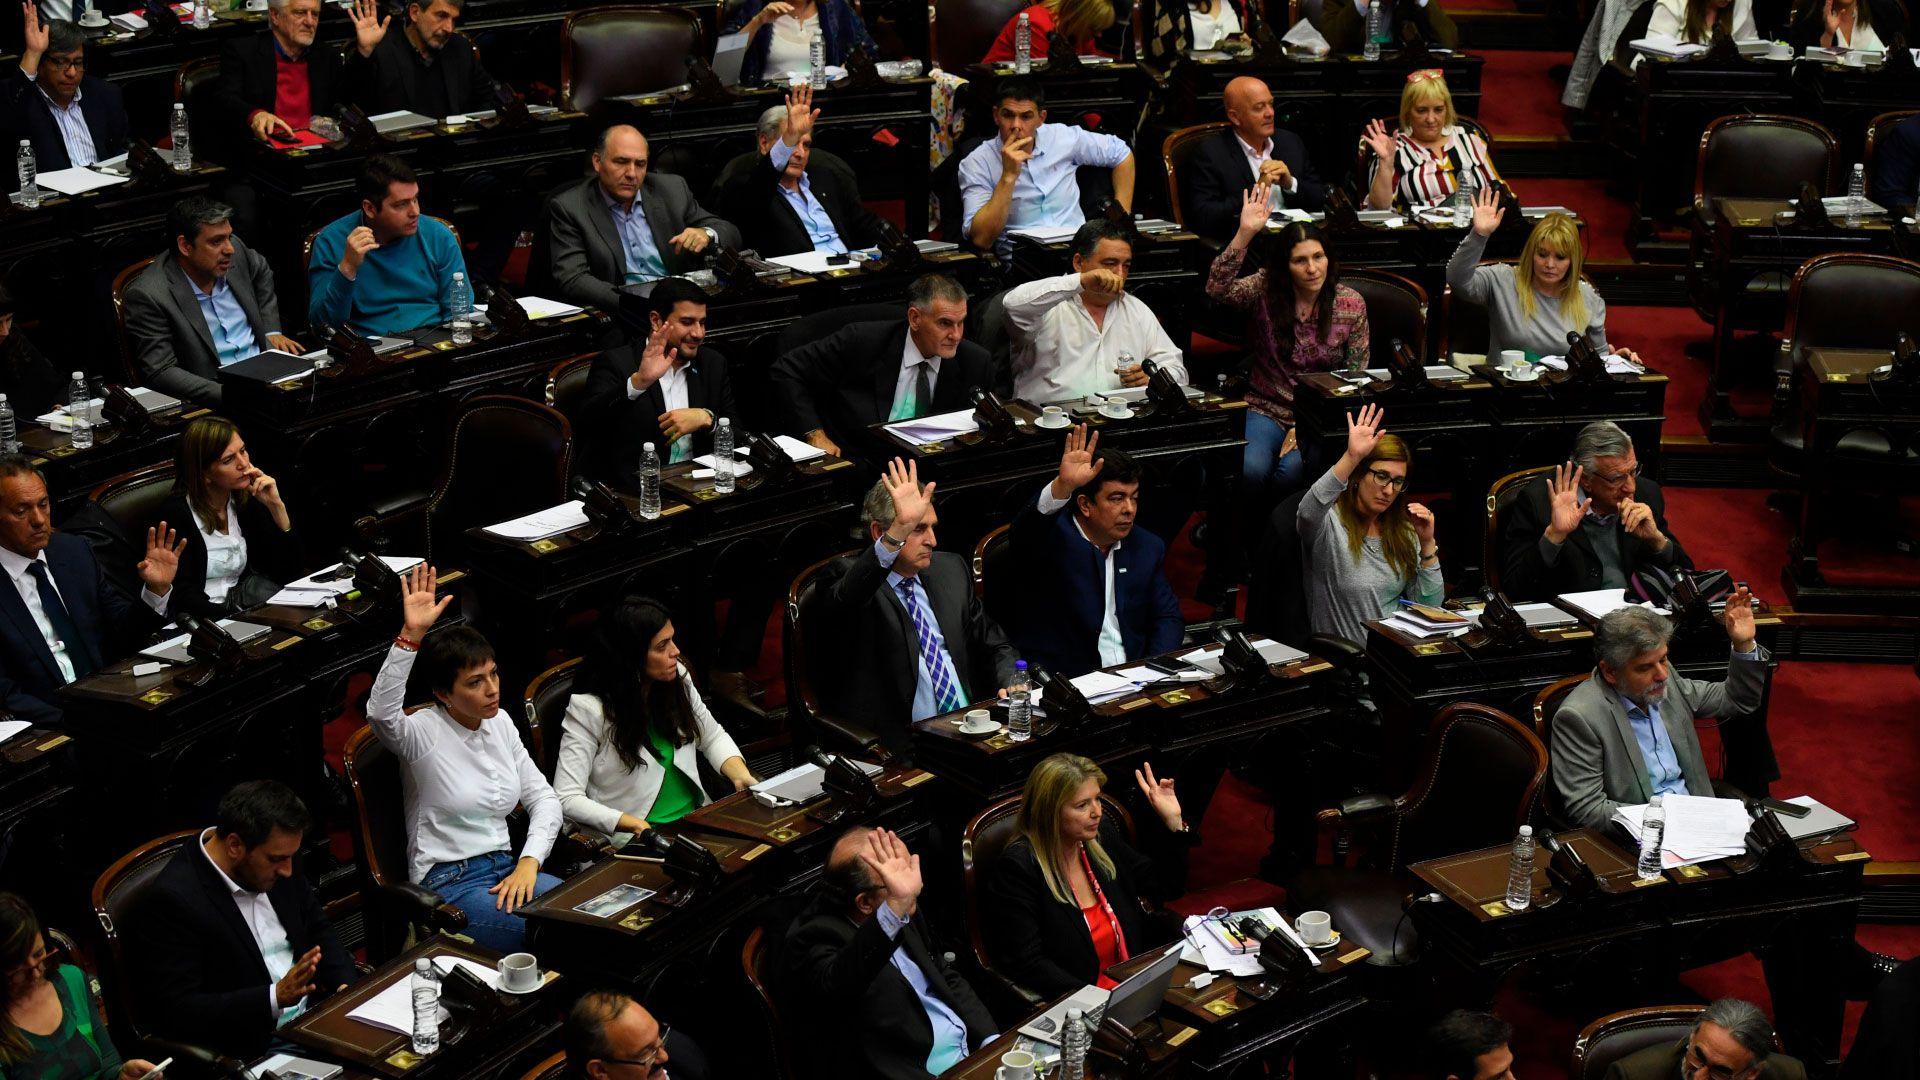 Los diputados aprobaron con 222 votos a favor la emergencia alimentaria (Foto: Maximiliano Luna)